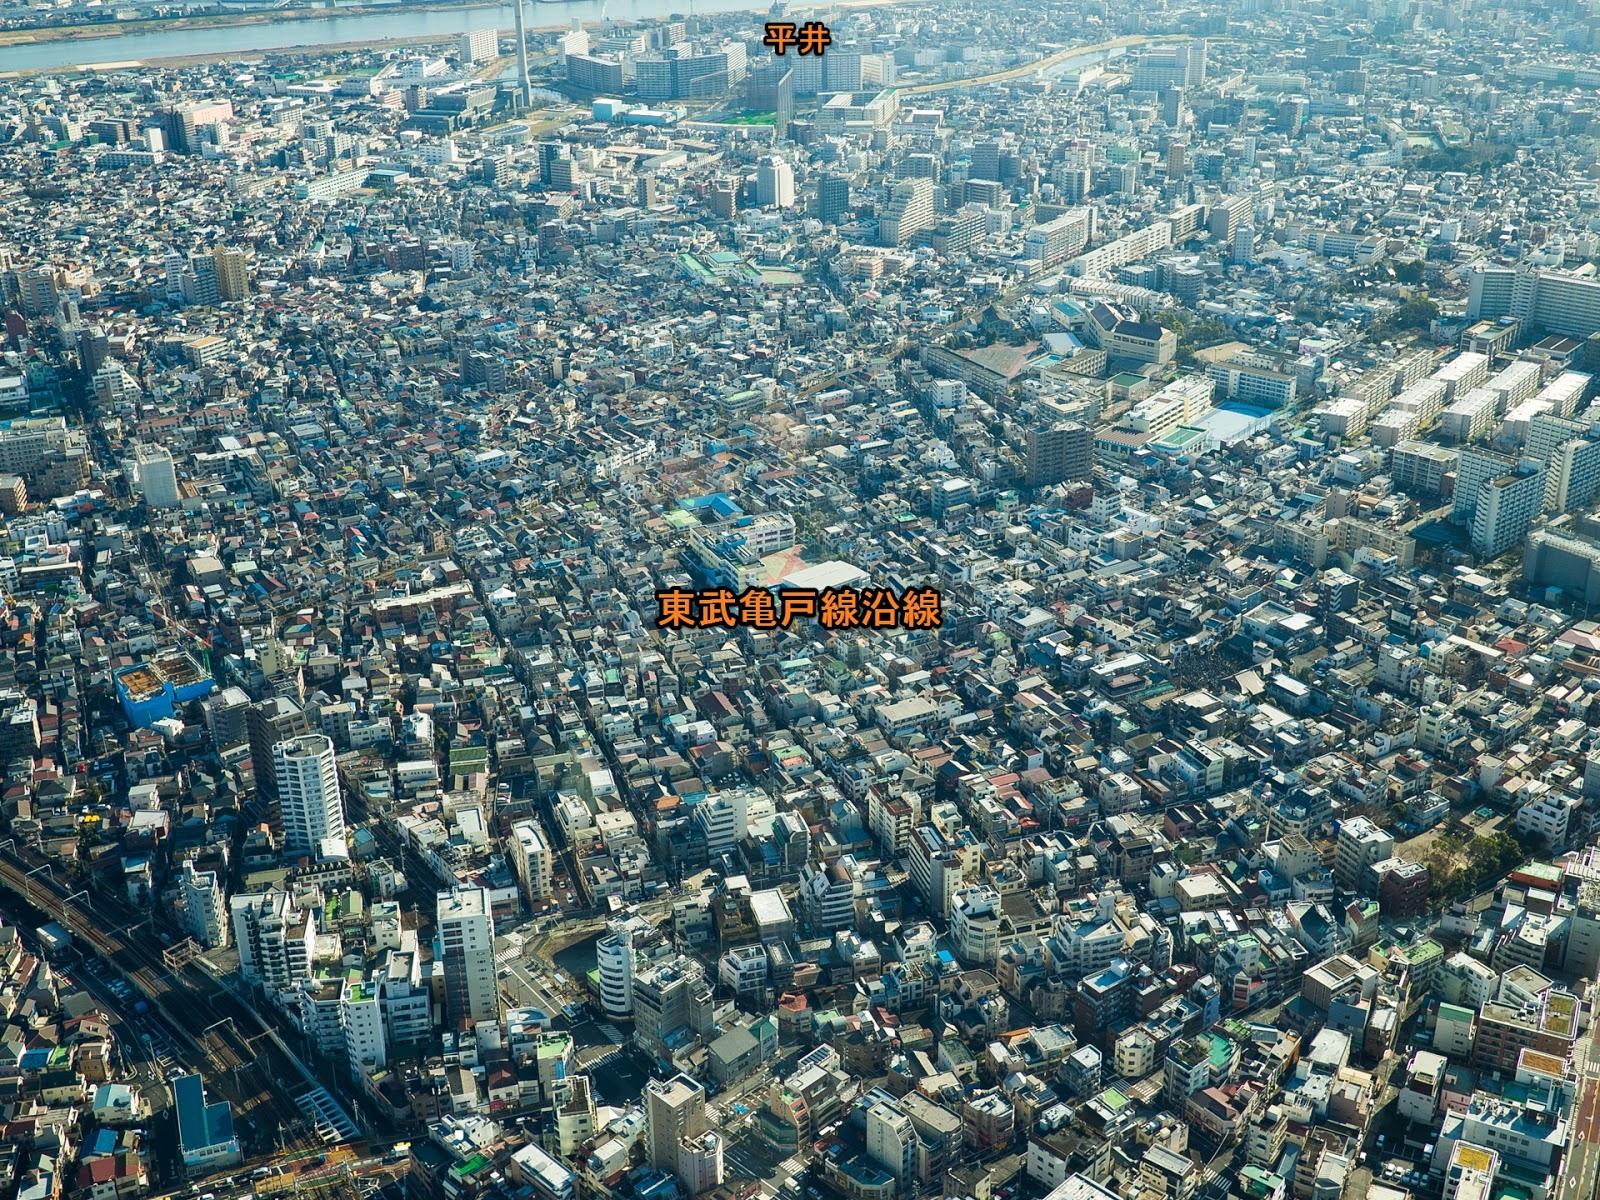 東京スカイツリー展望デッキから、東方面眼下(東武亀戸線沿線)の風景